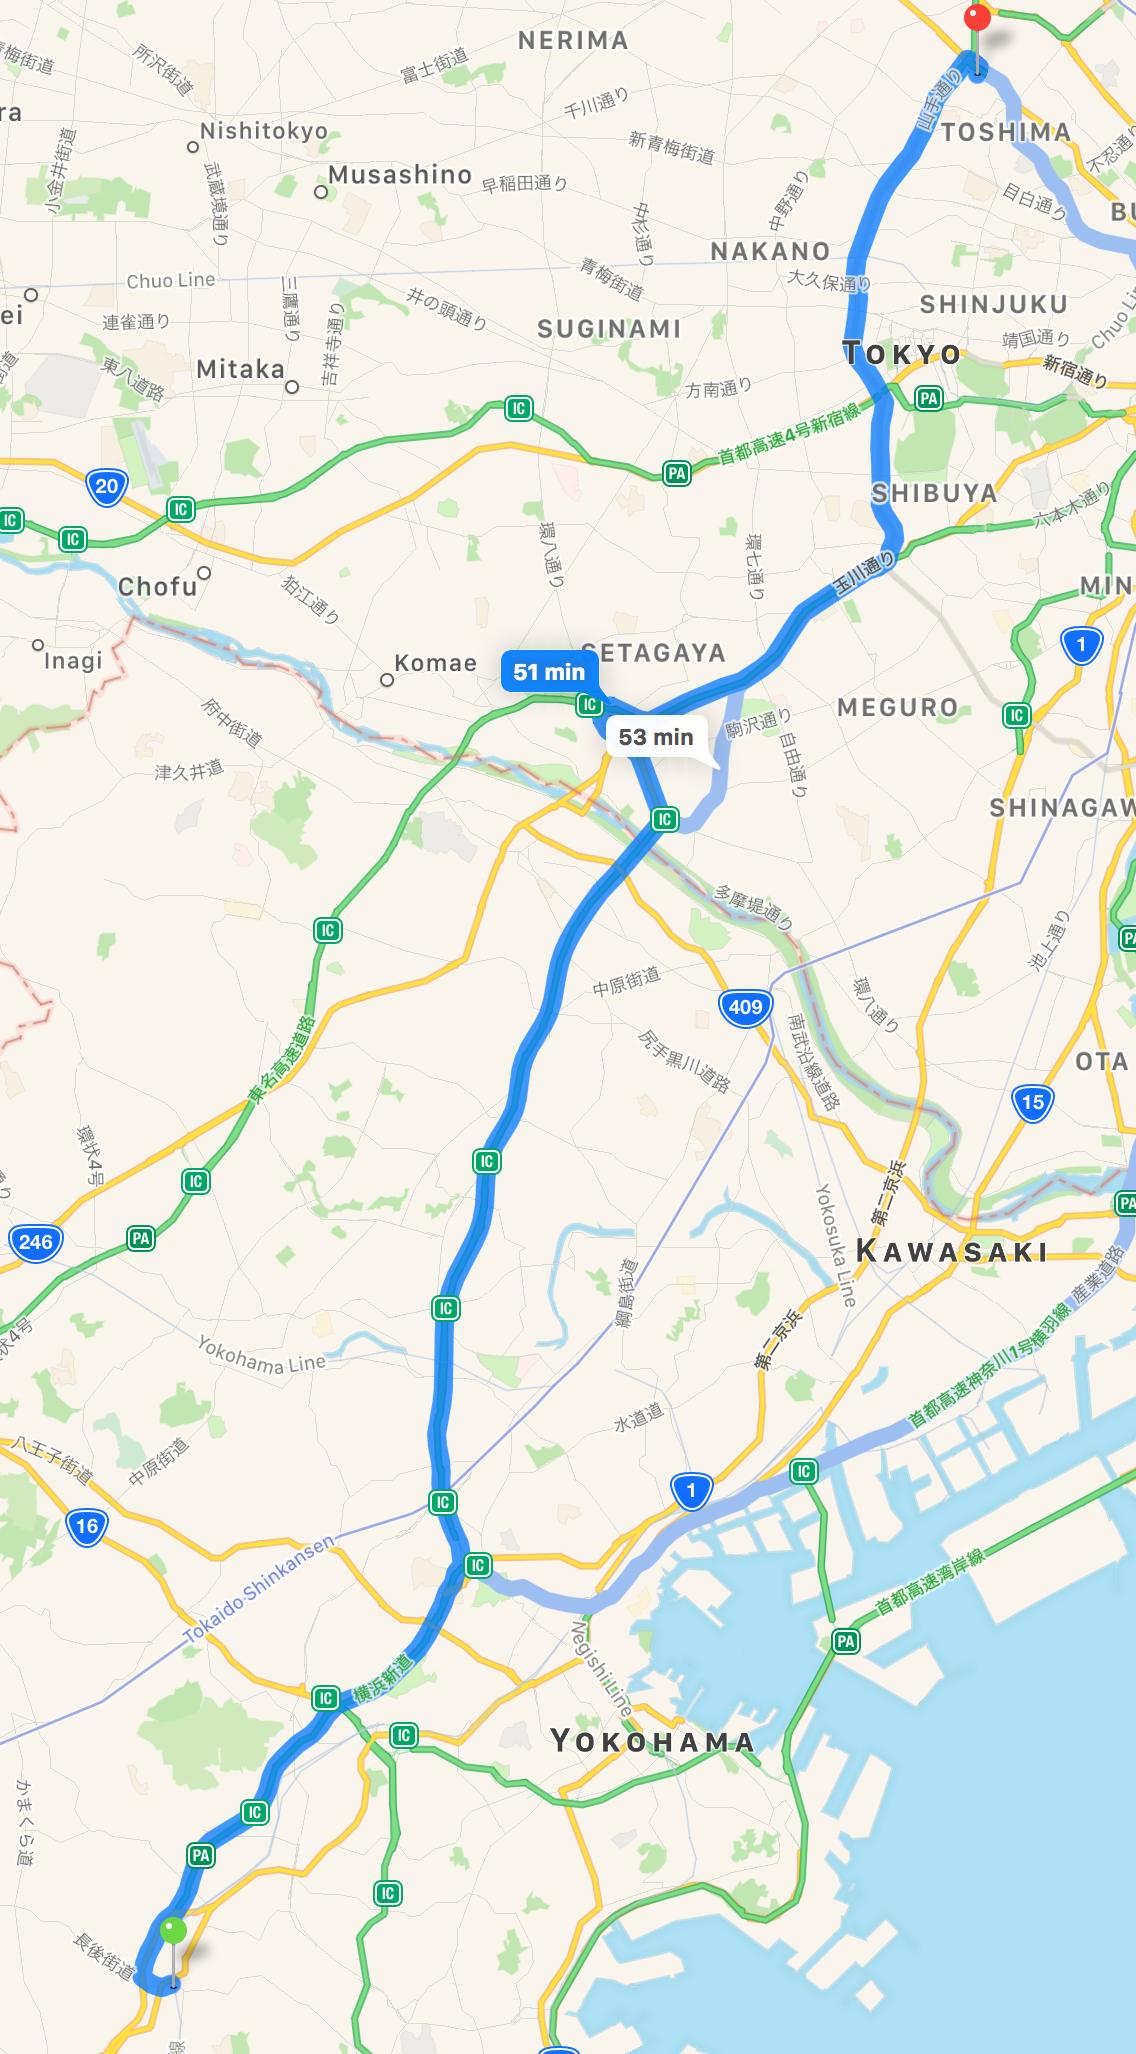 The drive into Tokyo from Yokohama